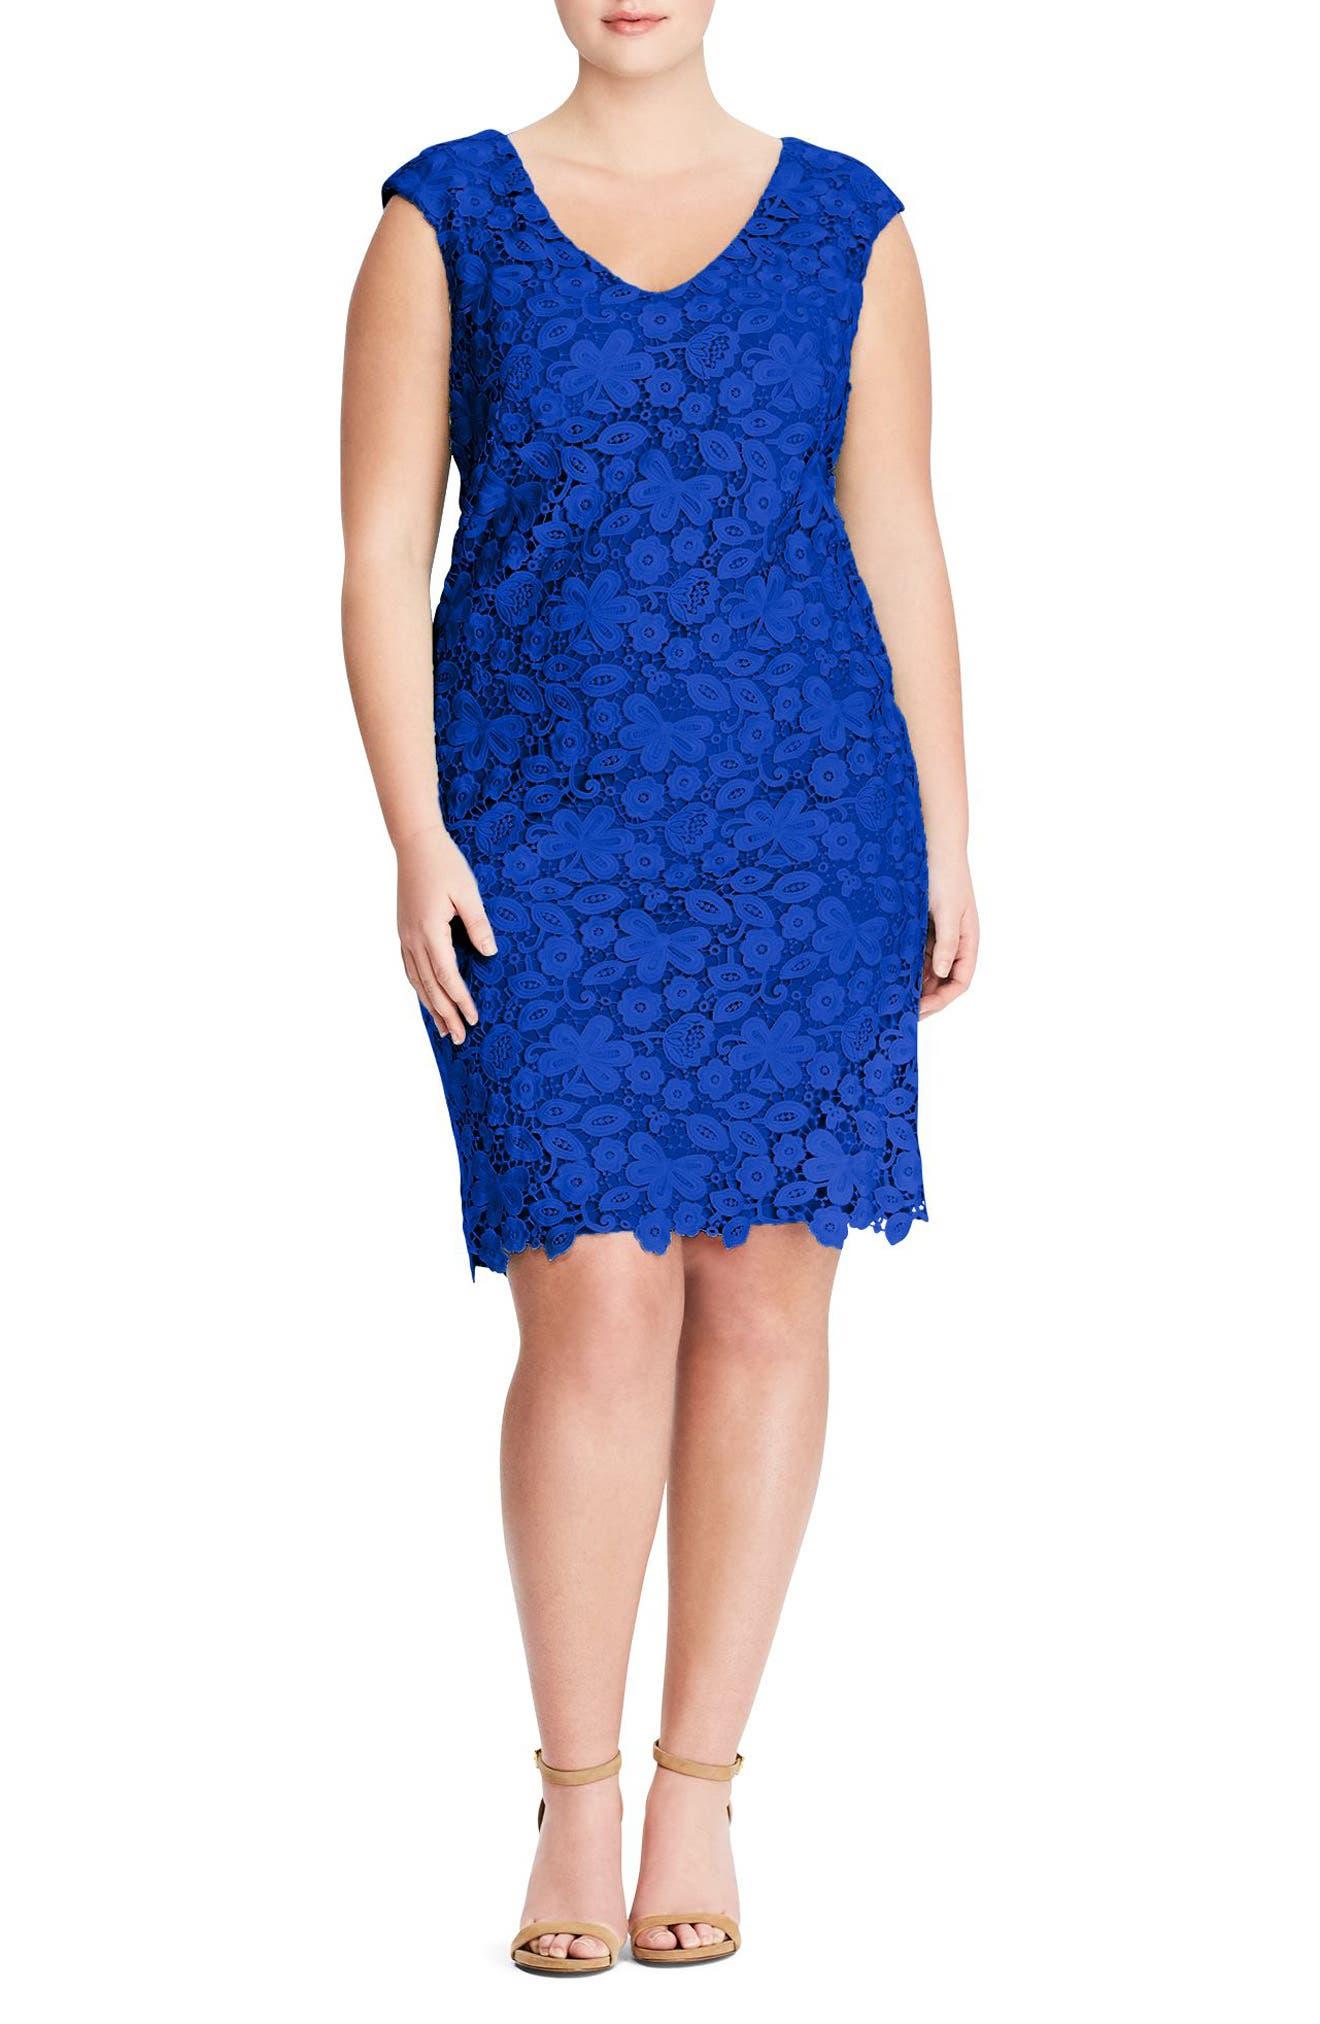 Montie Lace Sheath Dress,                             Main thumbnail 1, color,                             Deep Lapis